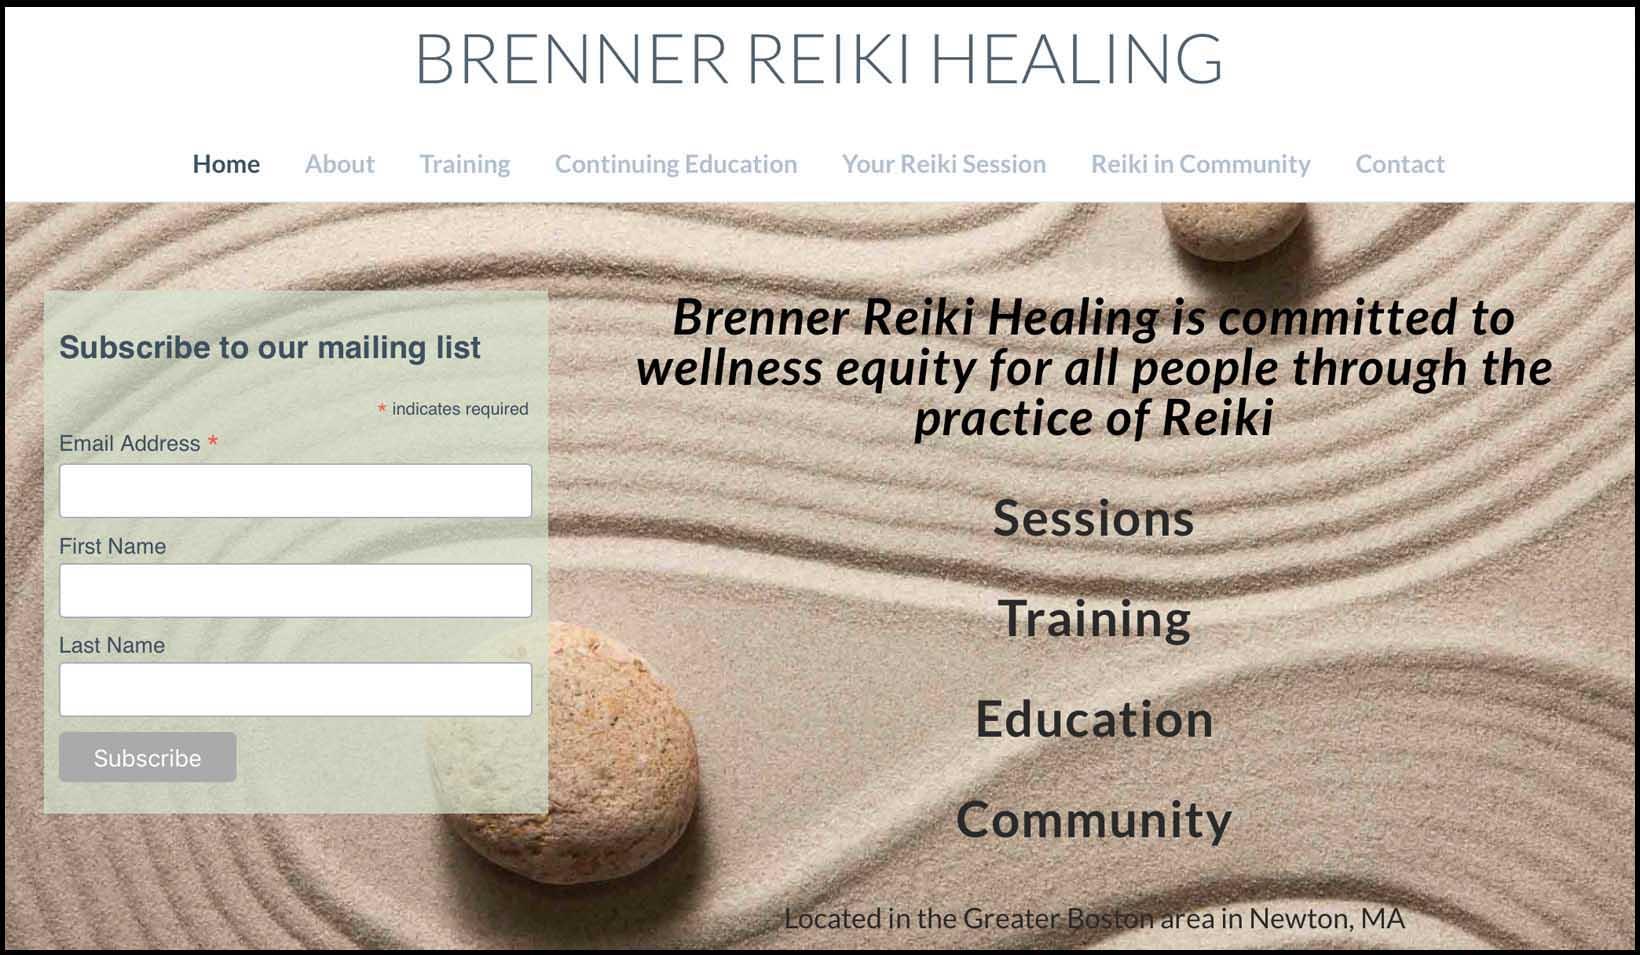 Brenner Reiki Healing